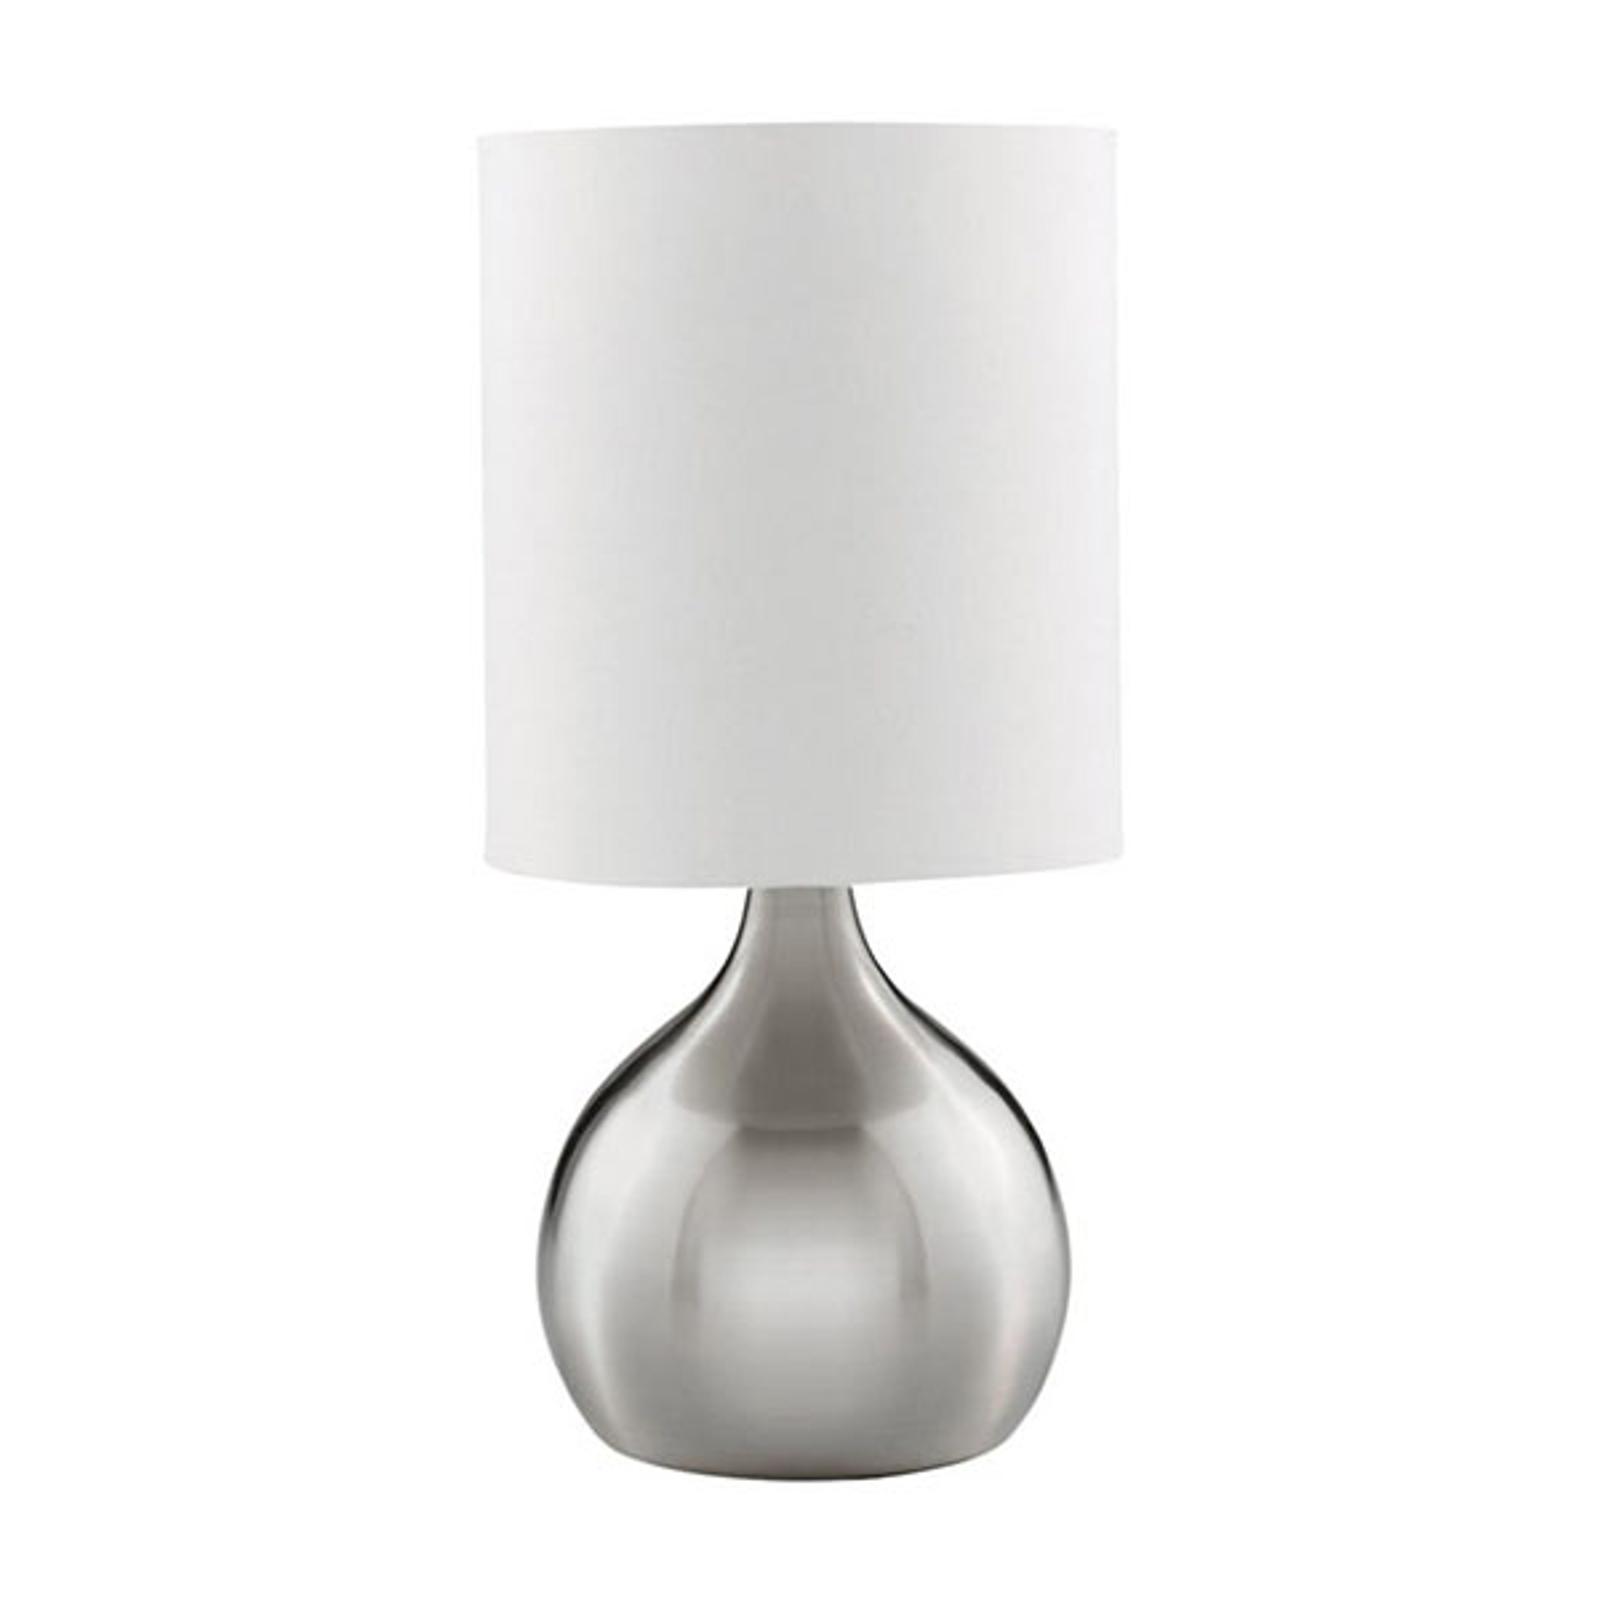 Tafellamp touch 3923, gesatineerd zilver